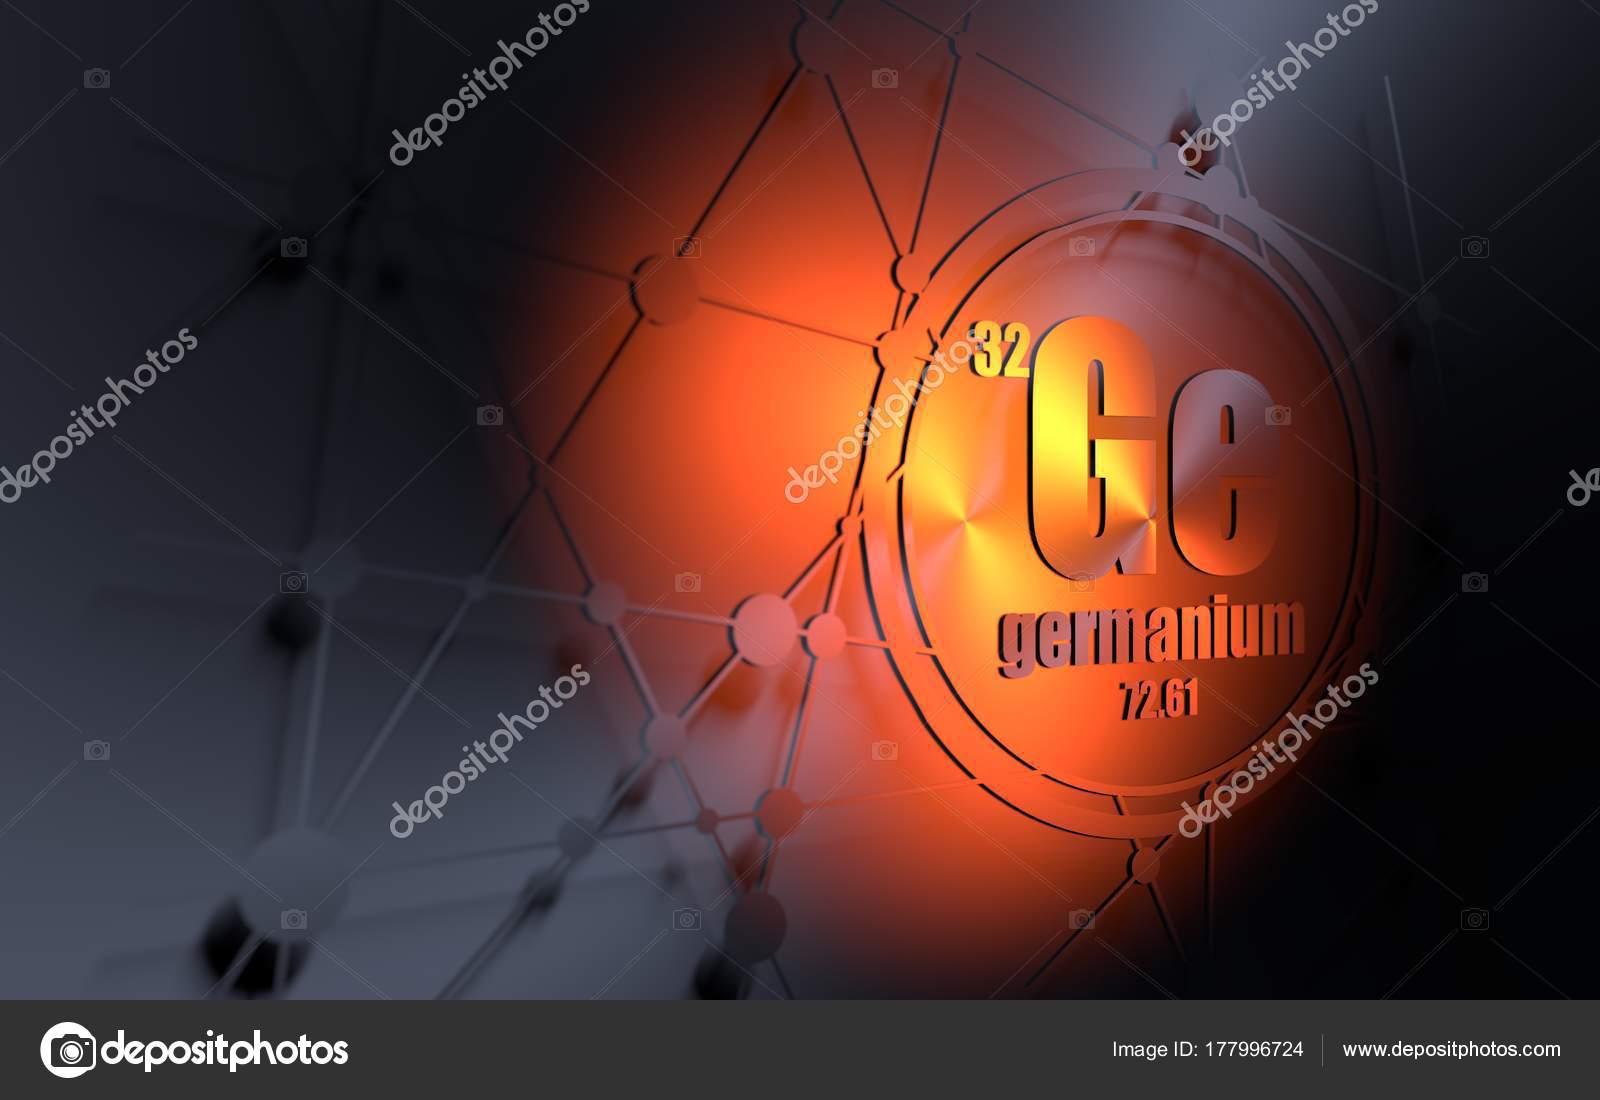 Elemento qumico germanio foto de stock jegasra 177996724 elemento qumico germanio firmar con el nmero atmico y peso atmico elemento qumico de tabla peridica fondo de molcula y de la comunicacin urtaz Gallery